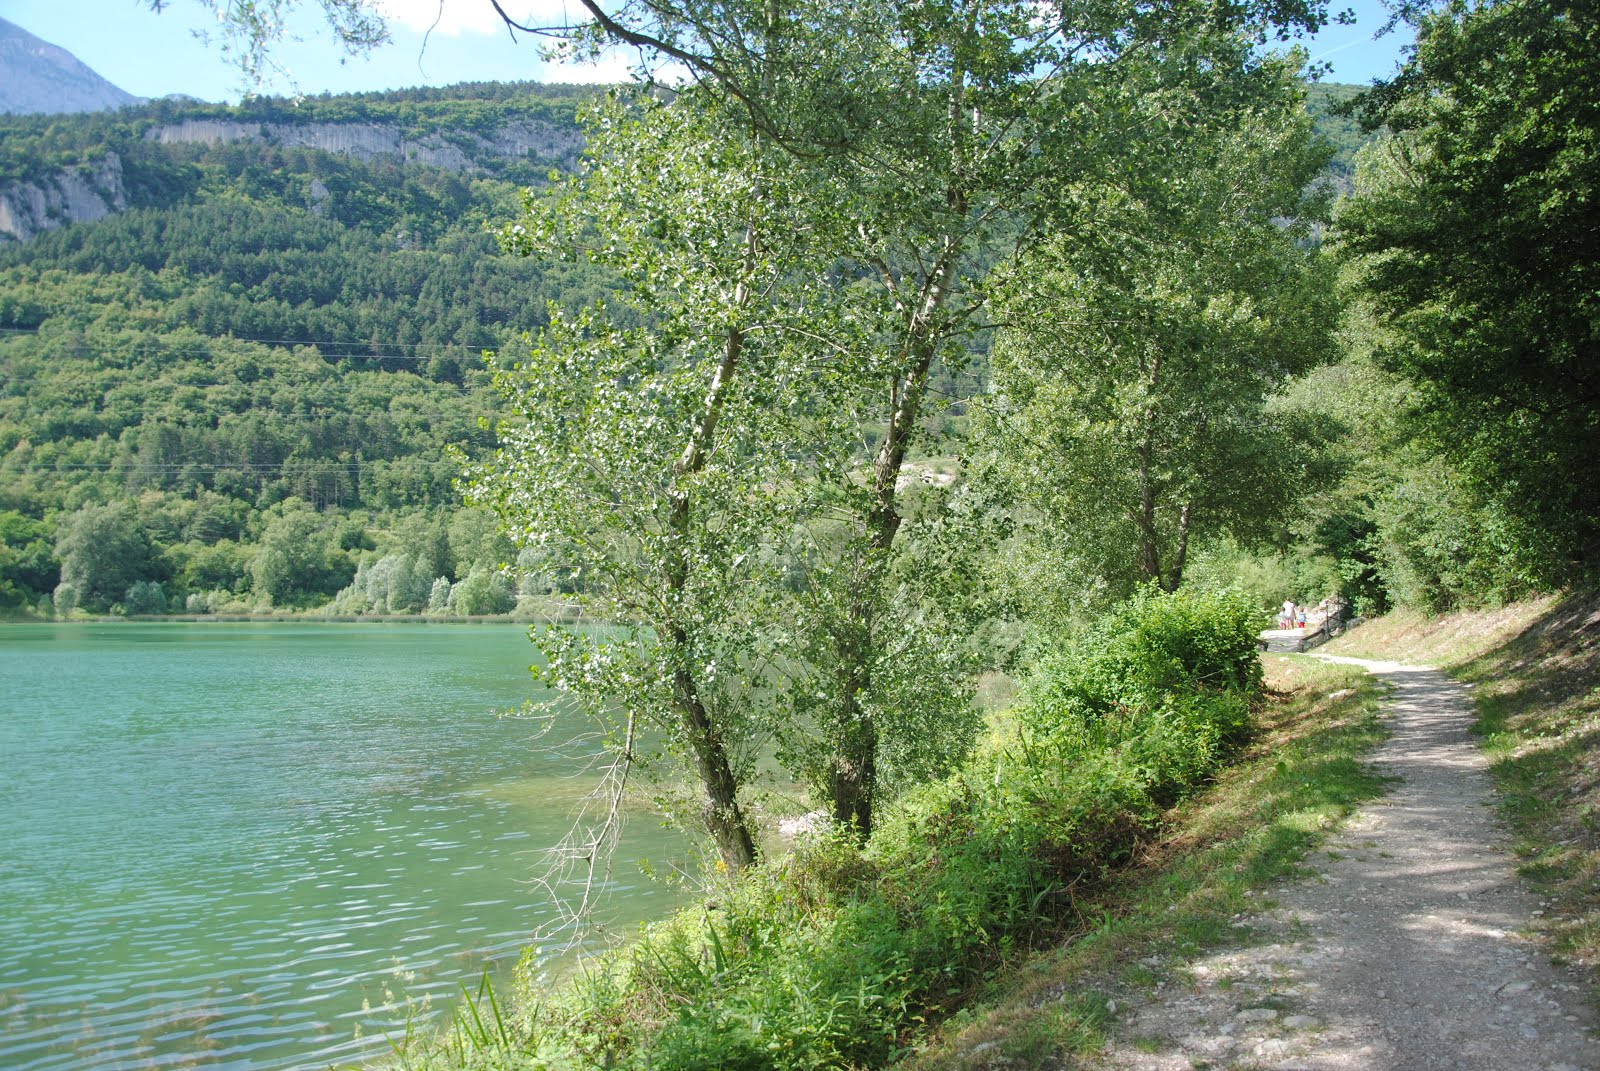 Vite in viaggio il lago di terlago for Lago tartarughe